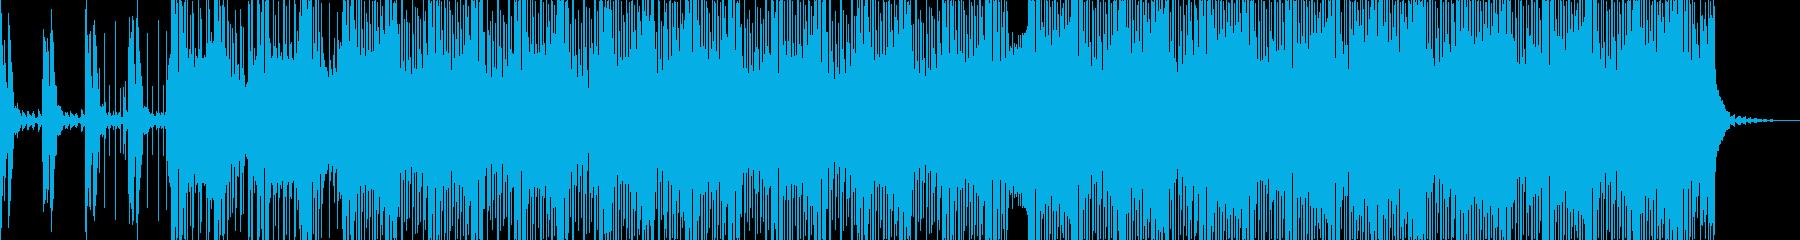 シンプルなディスコミュージックの再生済みの波形